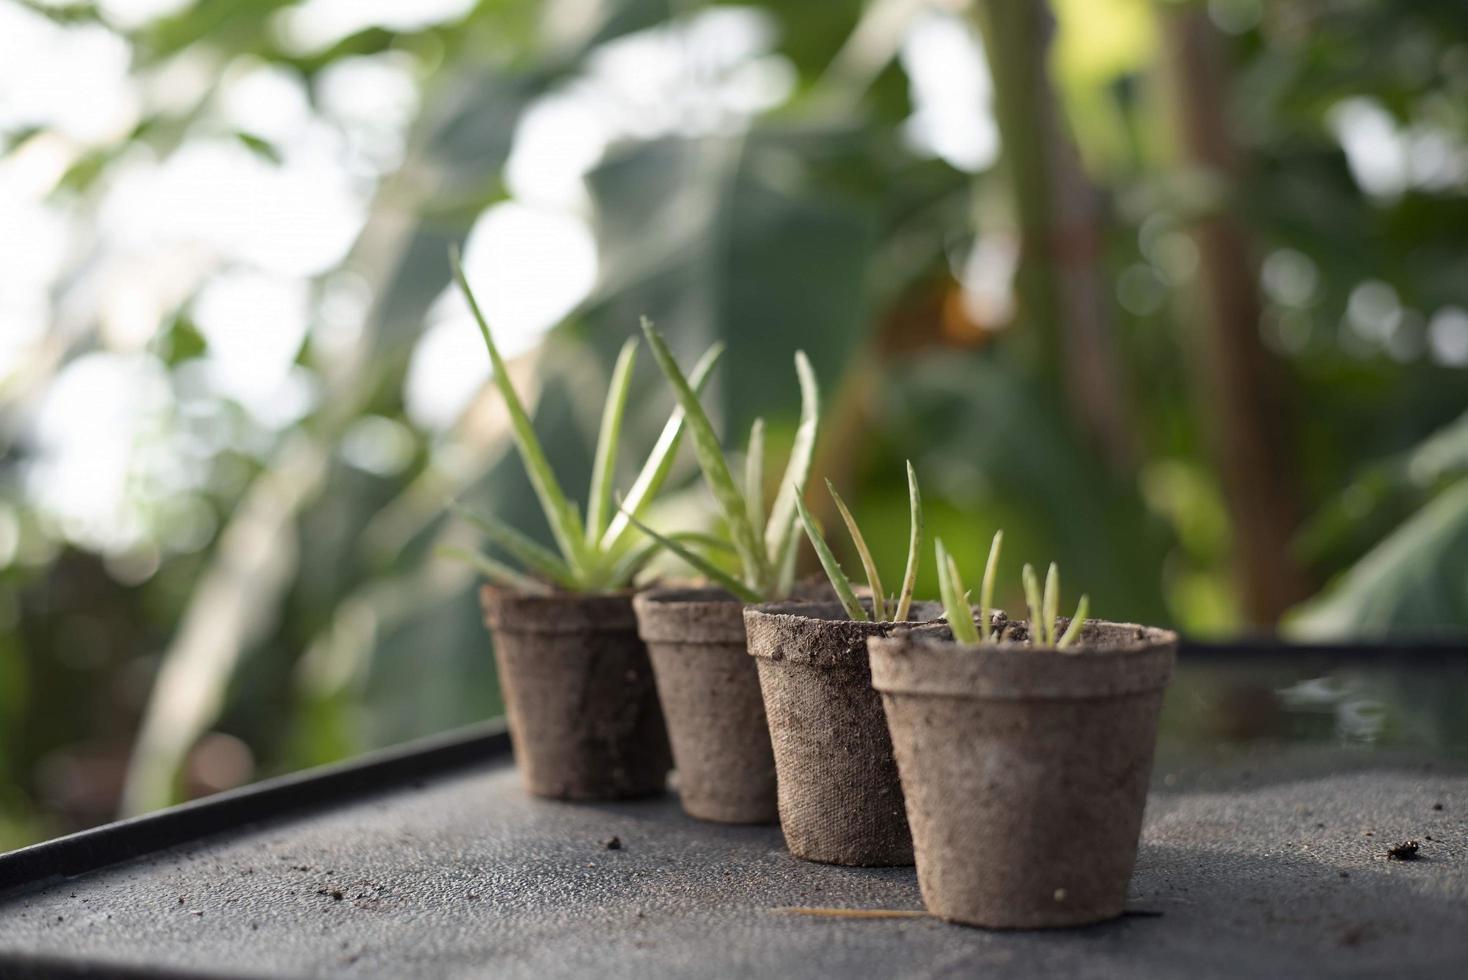 Pflanzen in Töpfen im Gewächshaus foto